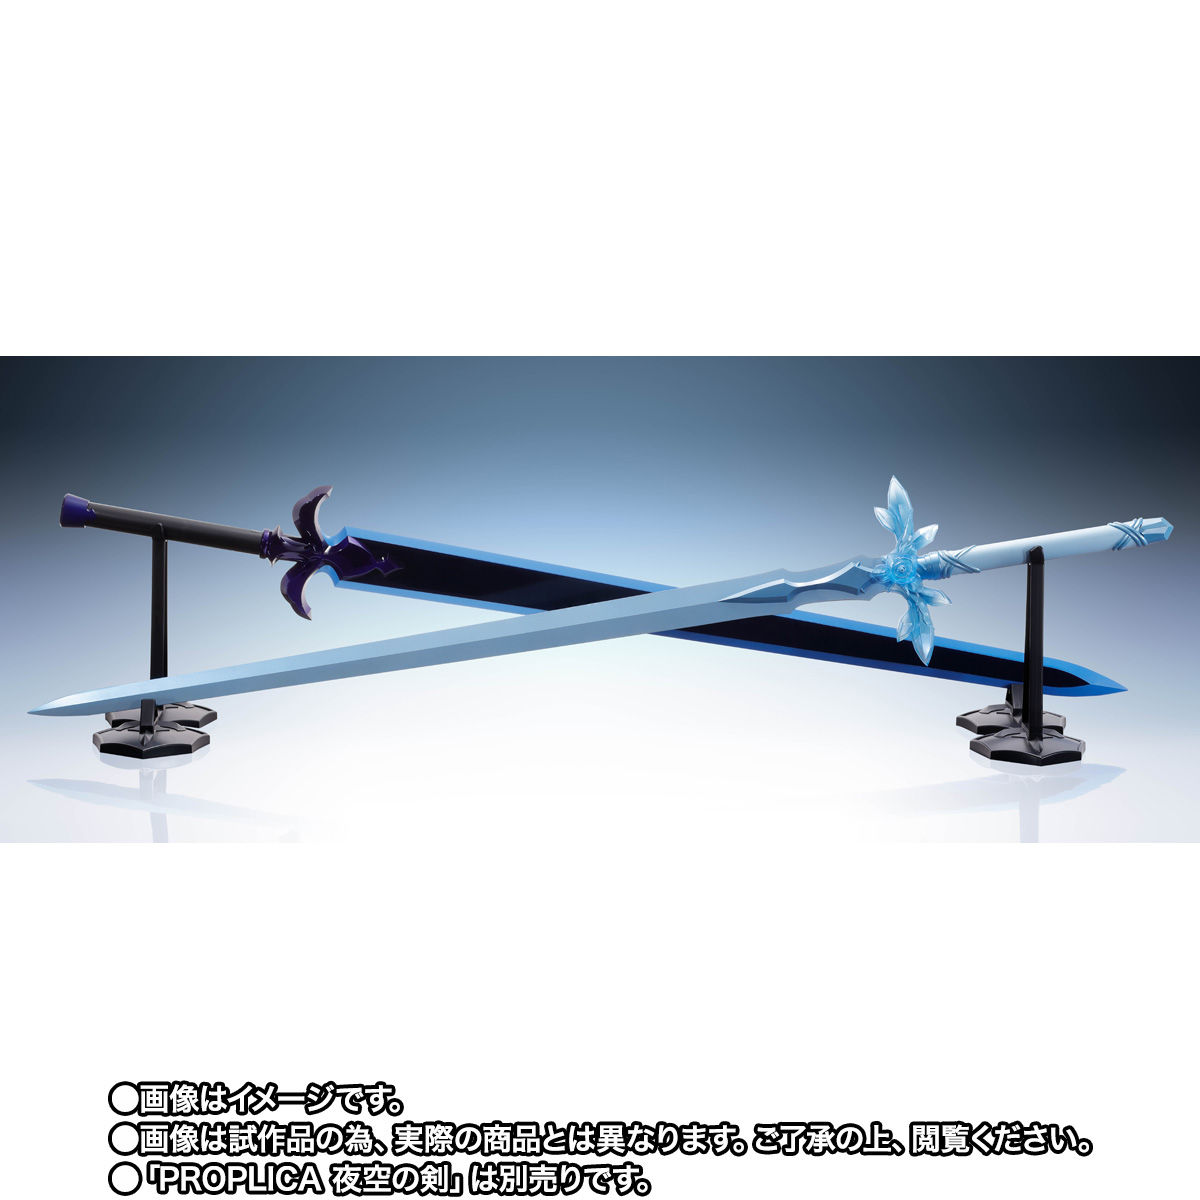 【限定販売】PROPLICA プロップリカ『青薔薇の剣』ソードアート・オンライン 変身なりきり-009